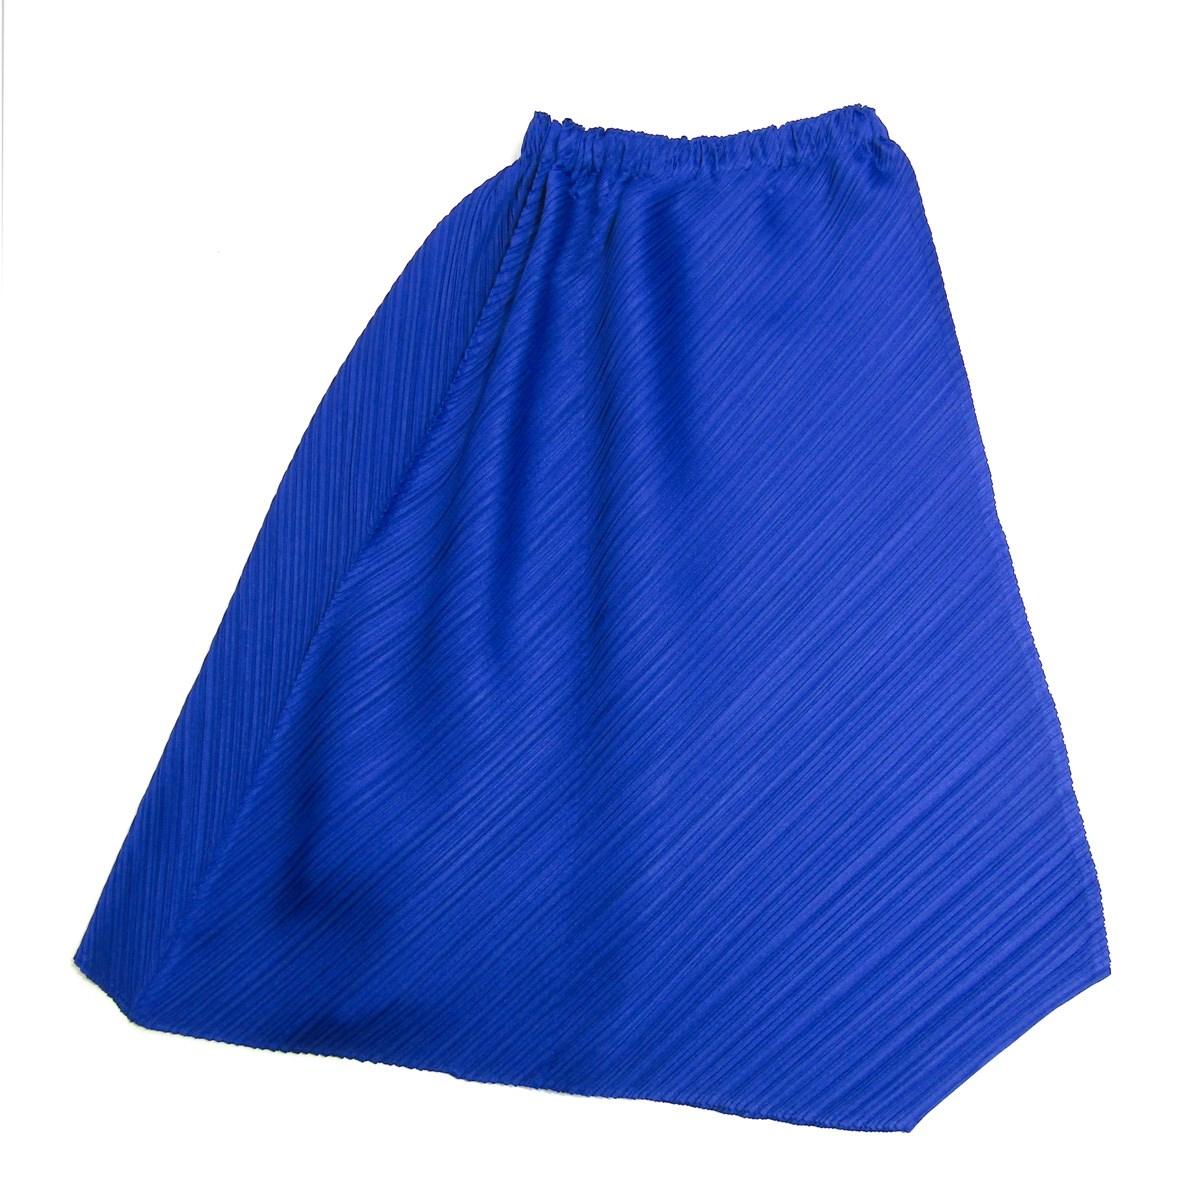 【中古】PLEATS PLEASE 2018AW プリーツロングスカート ブルー サイズ:1 【020220】(プリーツプリーズ)